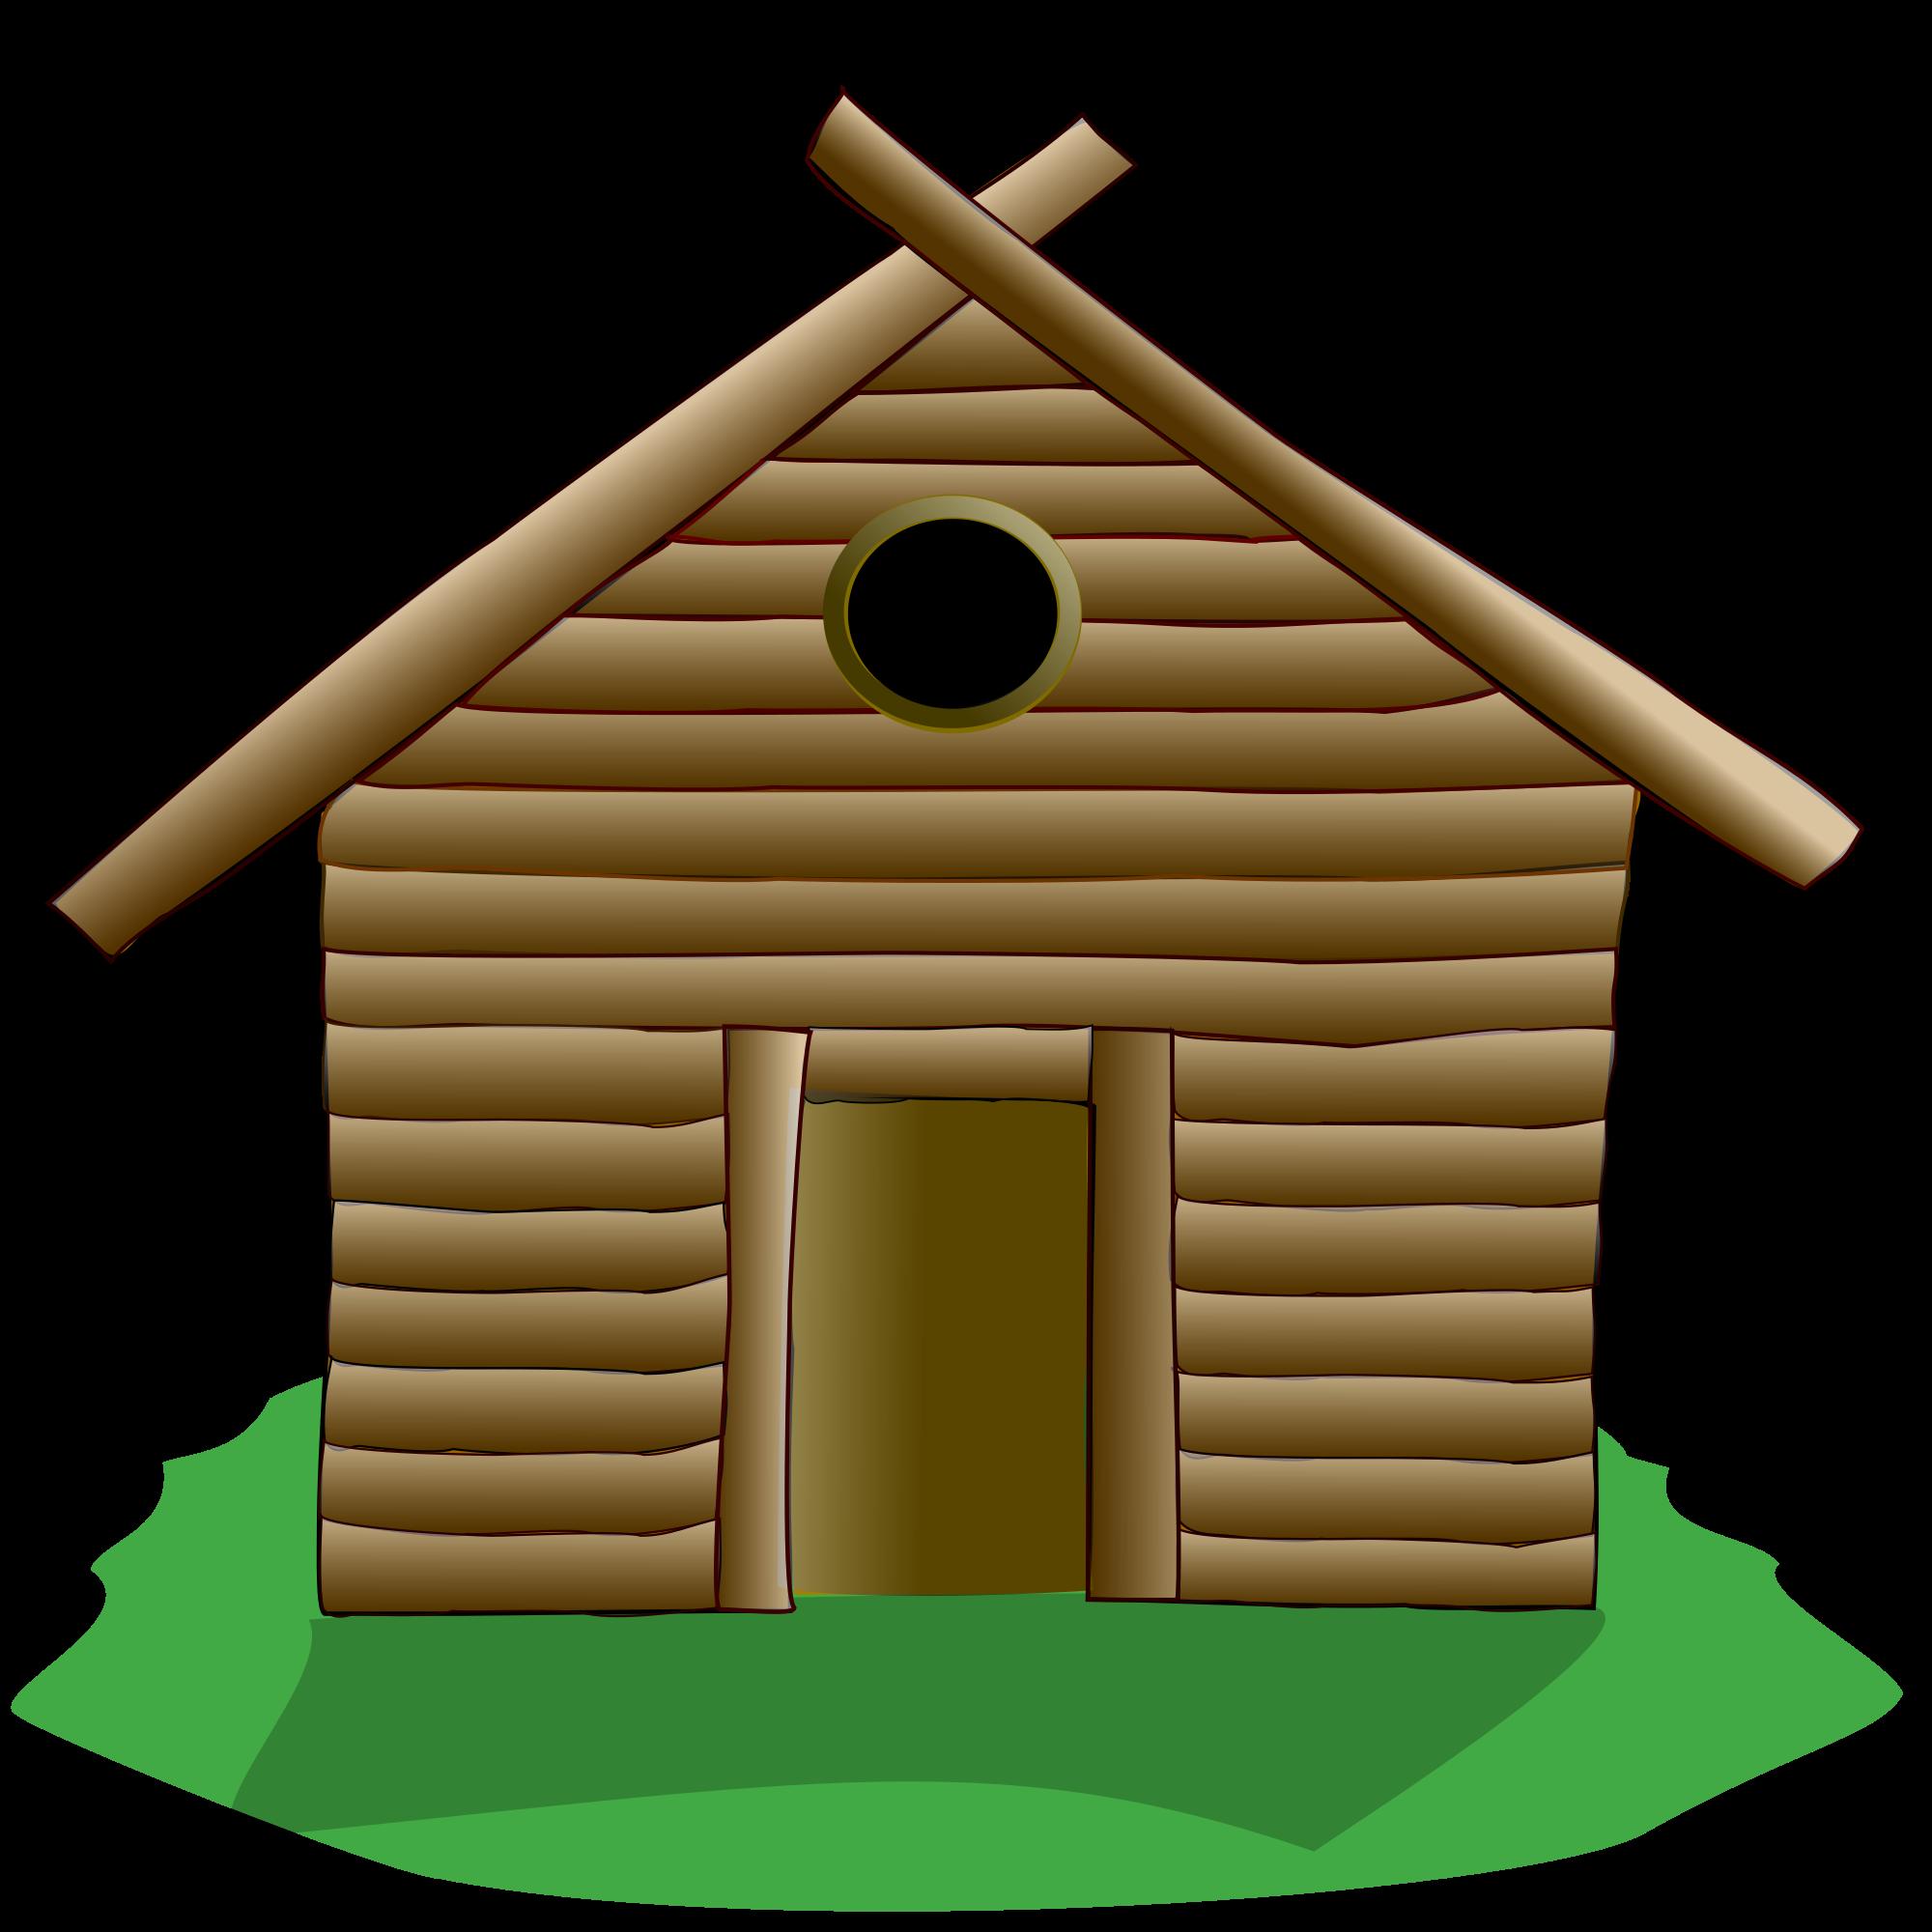 Cottage clipart english cottage. File tux paint wooden